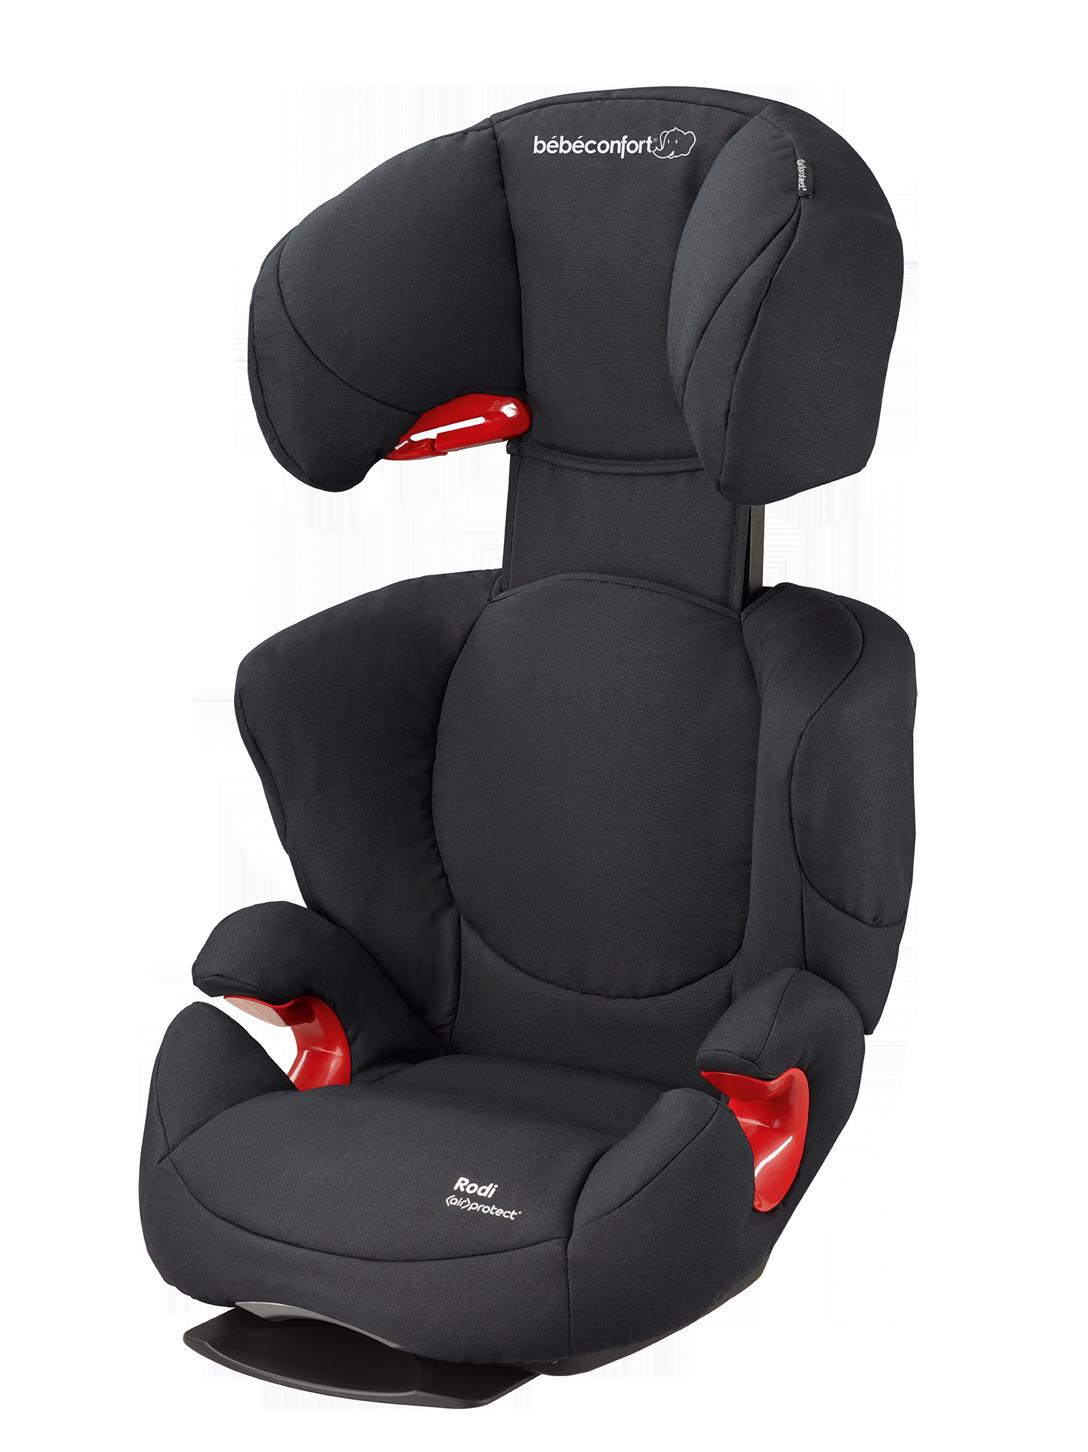 Seggiolino Auto Bèbè Confort Rodi AirProtect® Black Raven